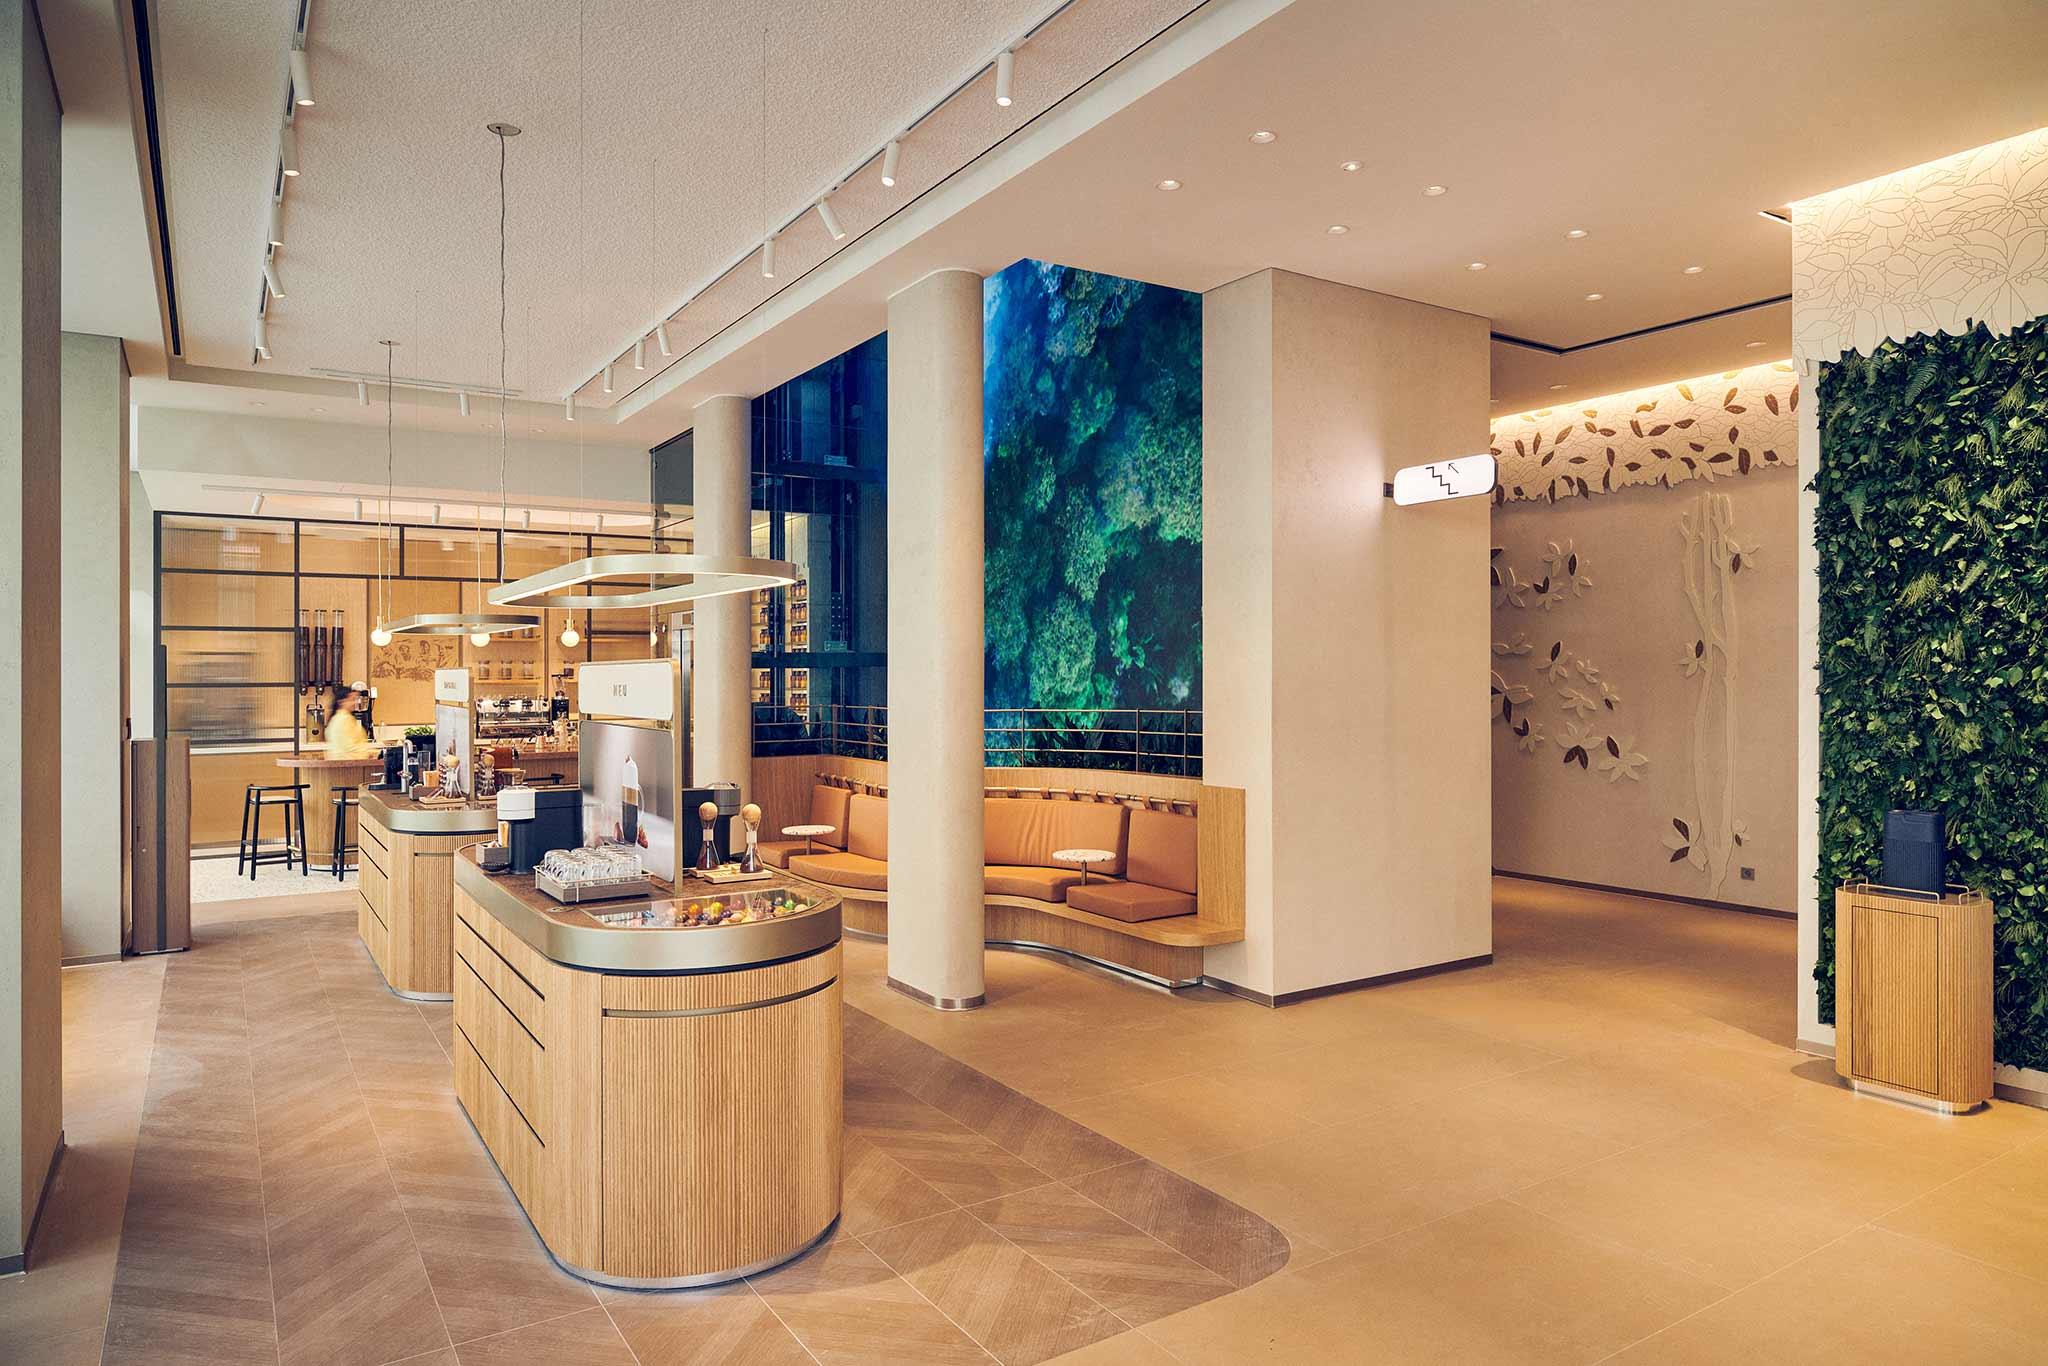 Nespresso new retail concept in Vienna - Nespresso Atelier